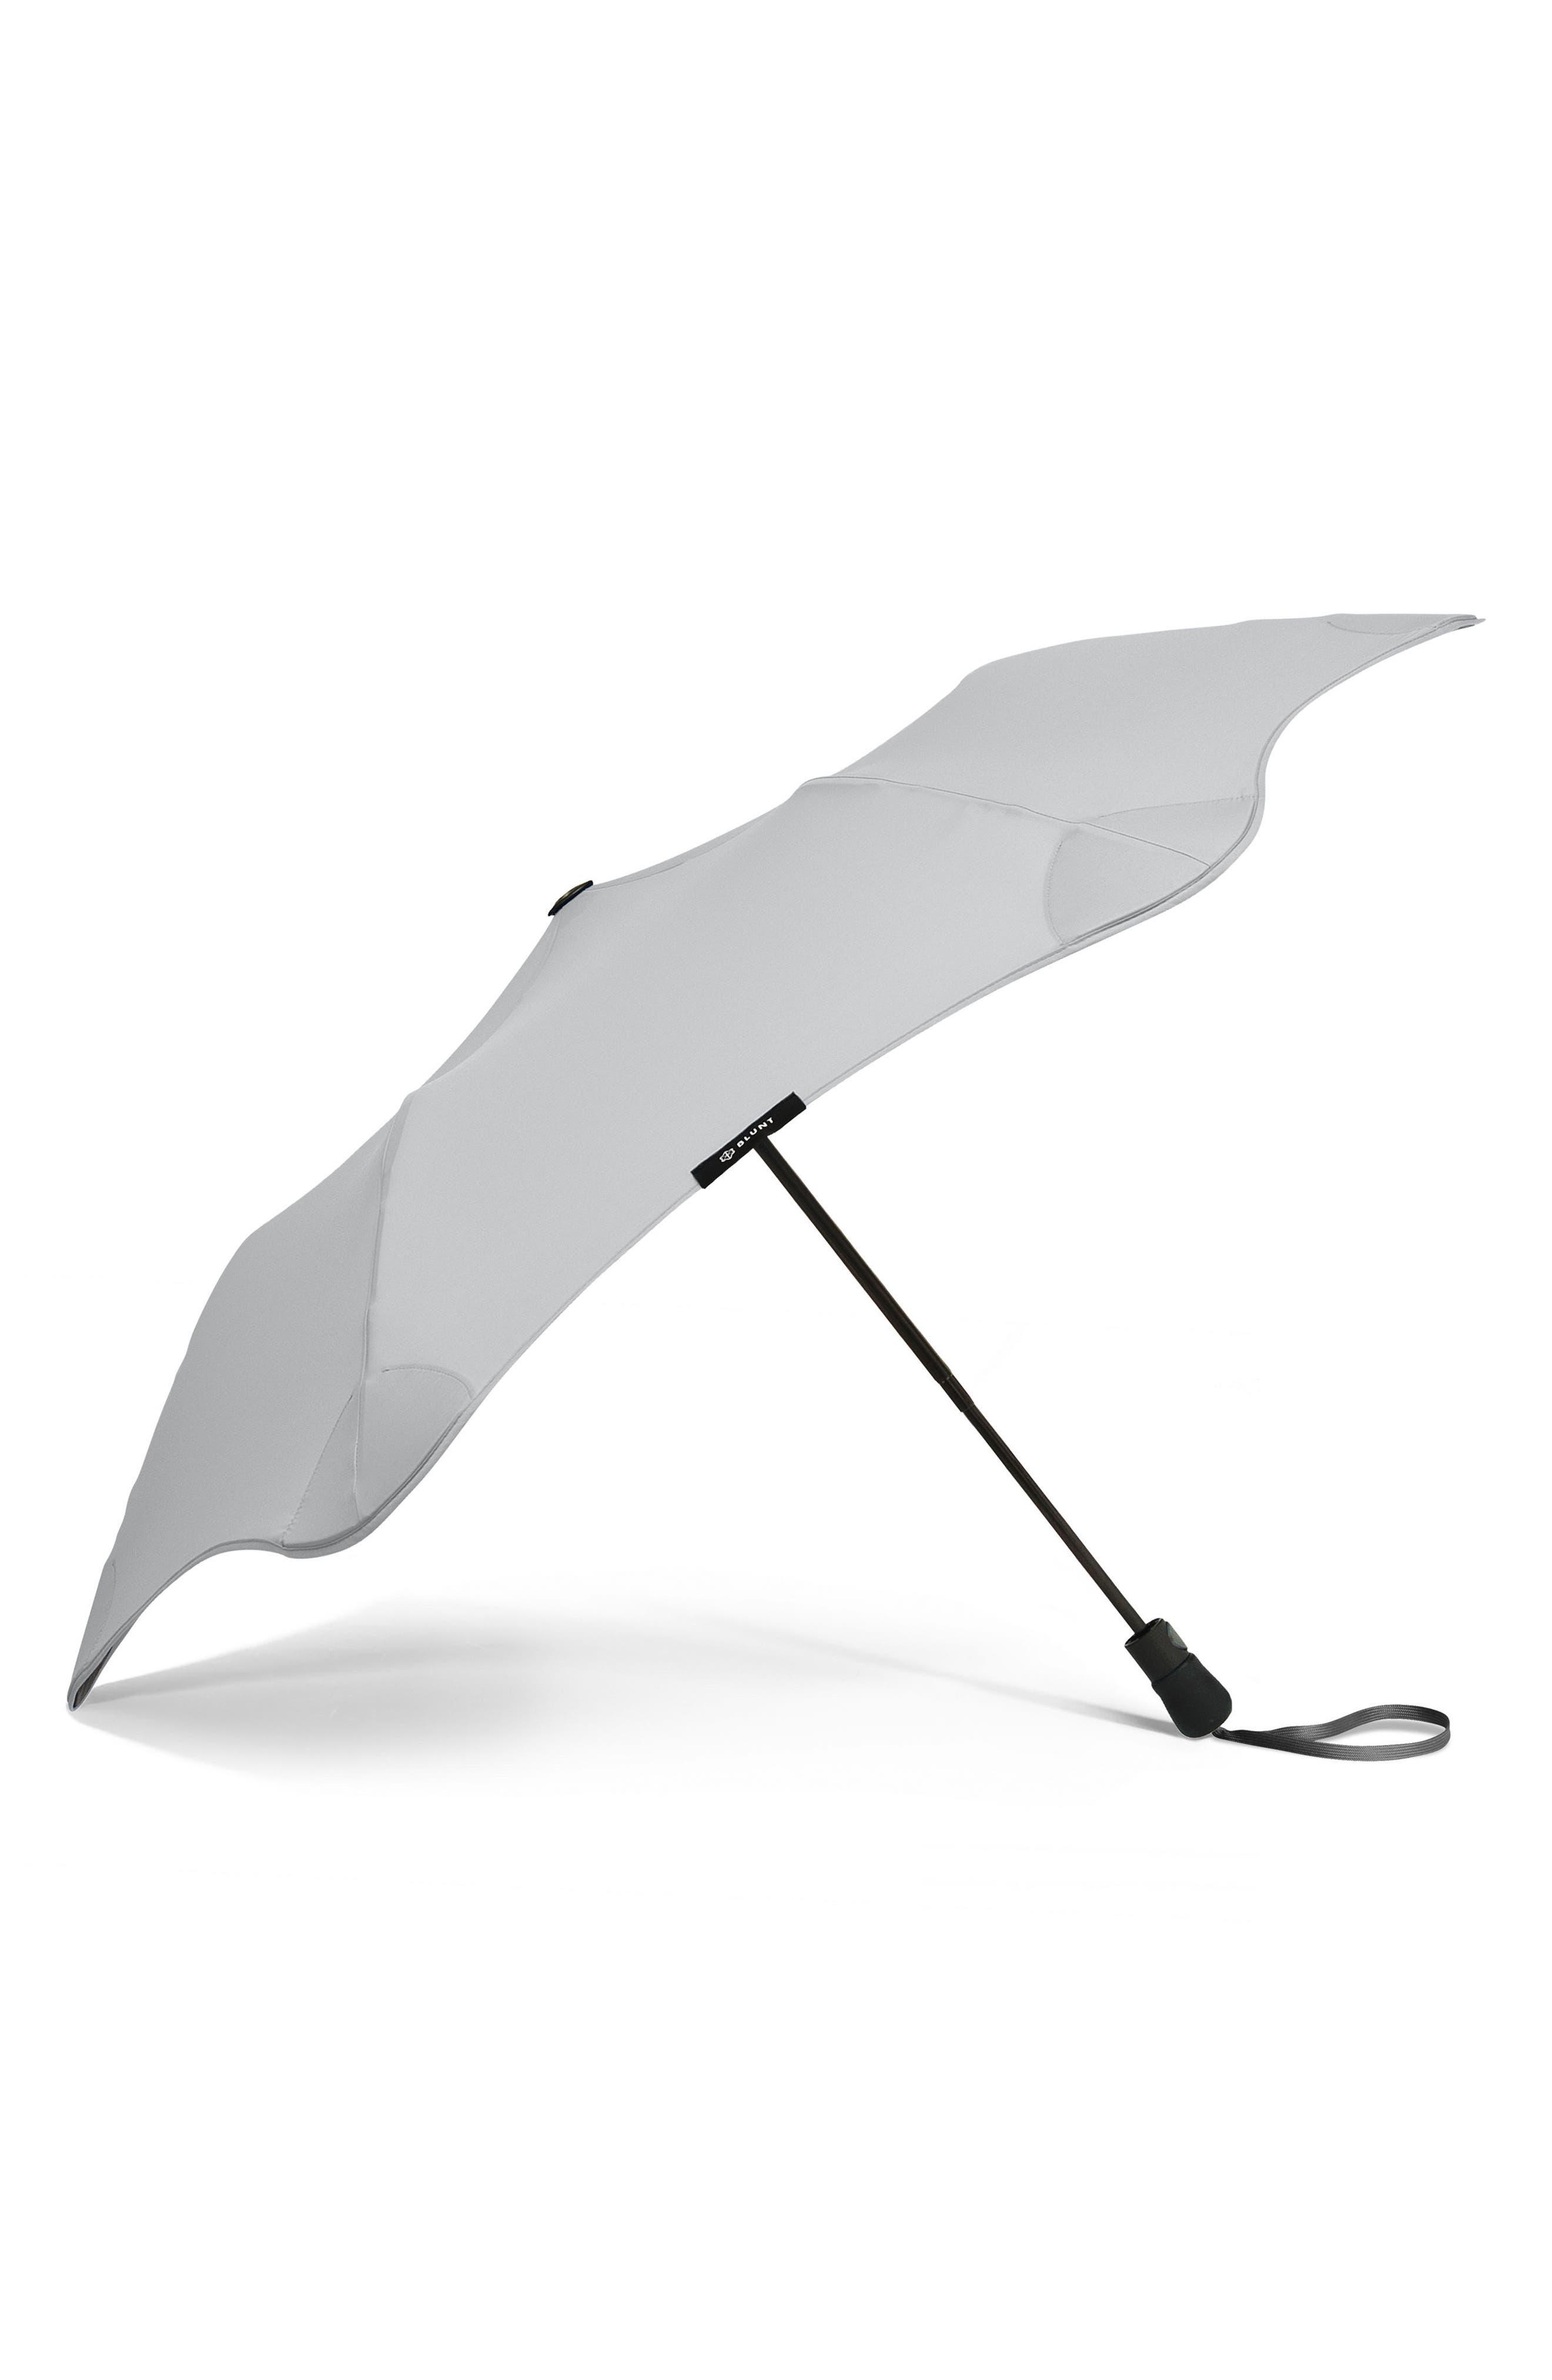 Blunt XS Metro Travel Umbrella